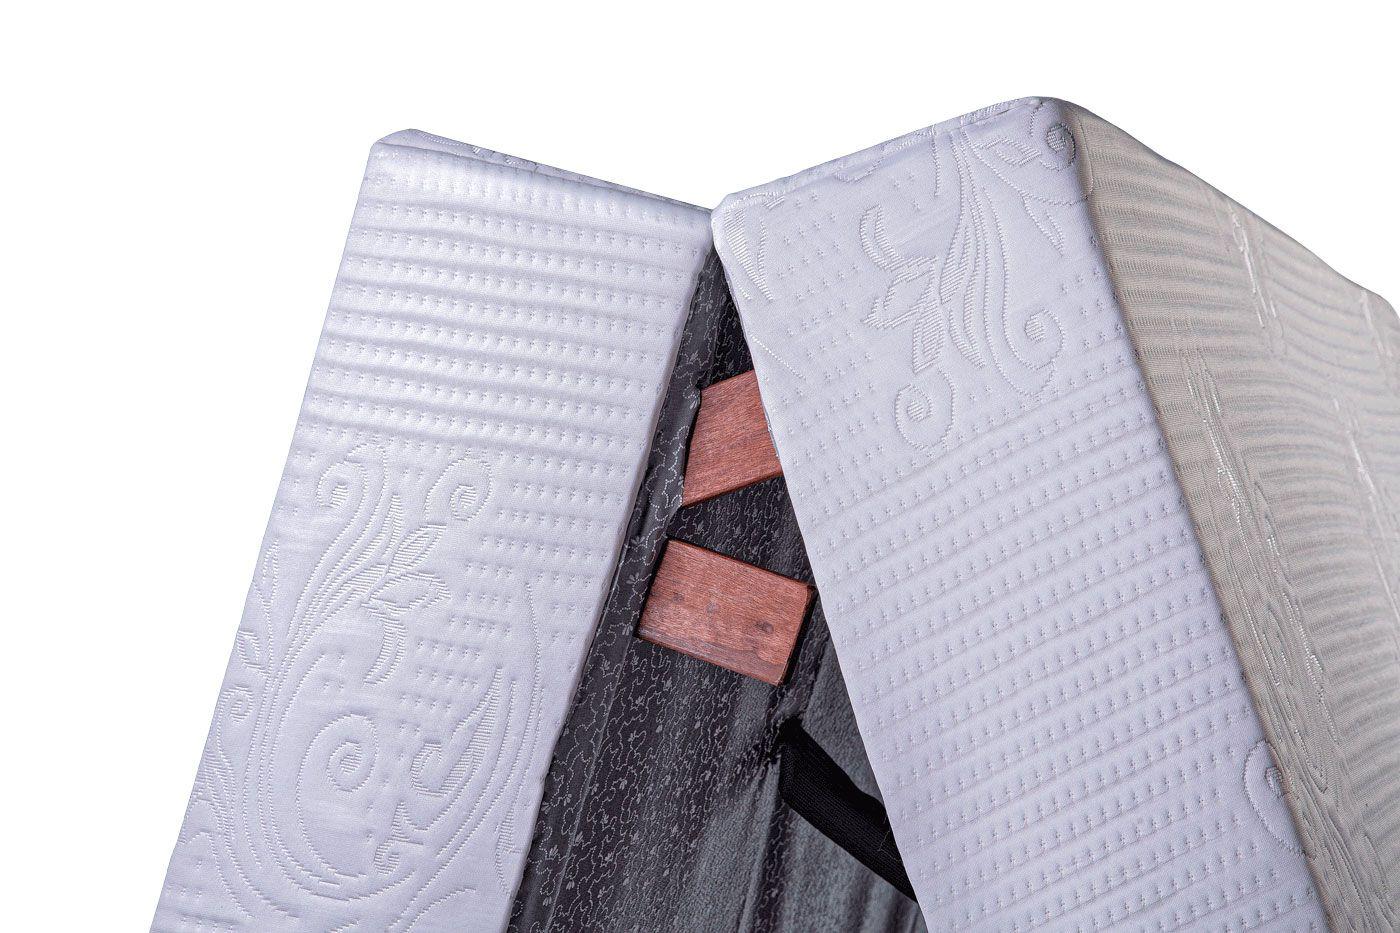 Cama Dobrável, Solteiro de Abrir com Colchão Embutido 60cm x 190cm Kenko Premium  - Kenko Premium Colchões